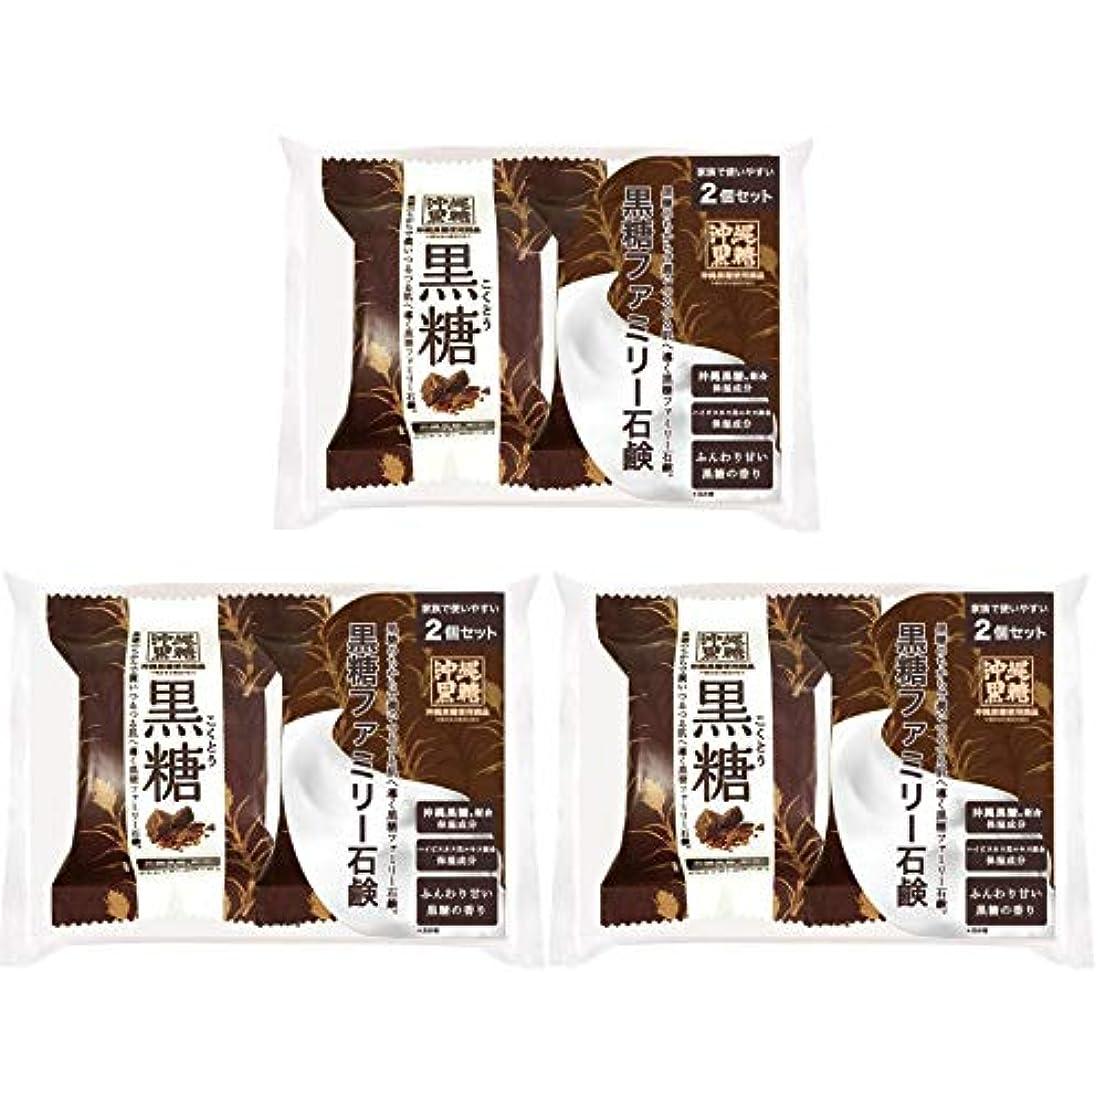 グローブ幸運な金額【3個セット】ペリカン石鹸 ファミリー黒糖石鹸 80g×2個